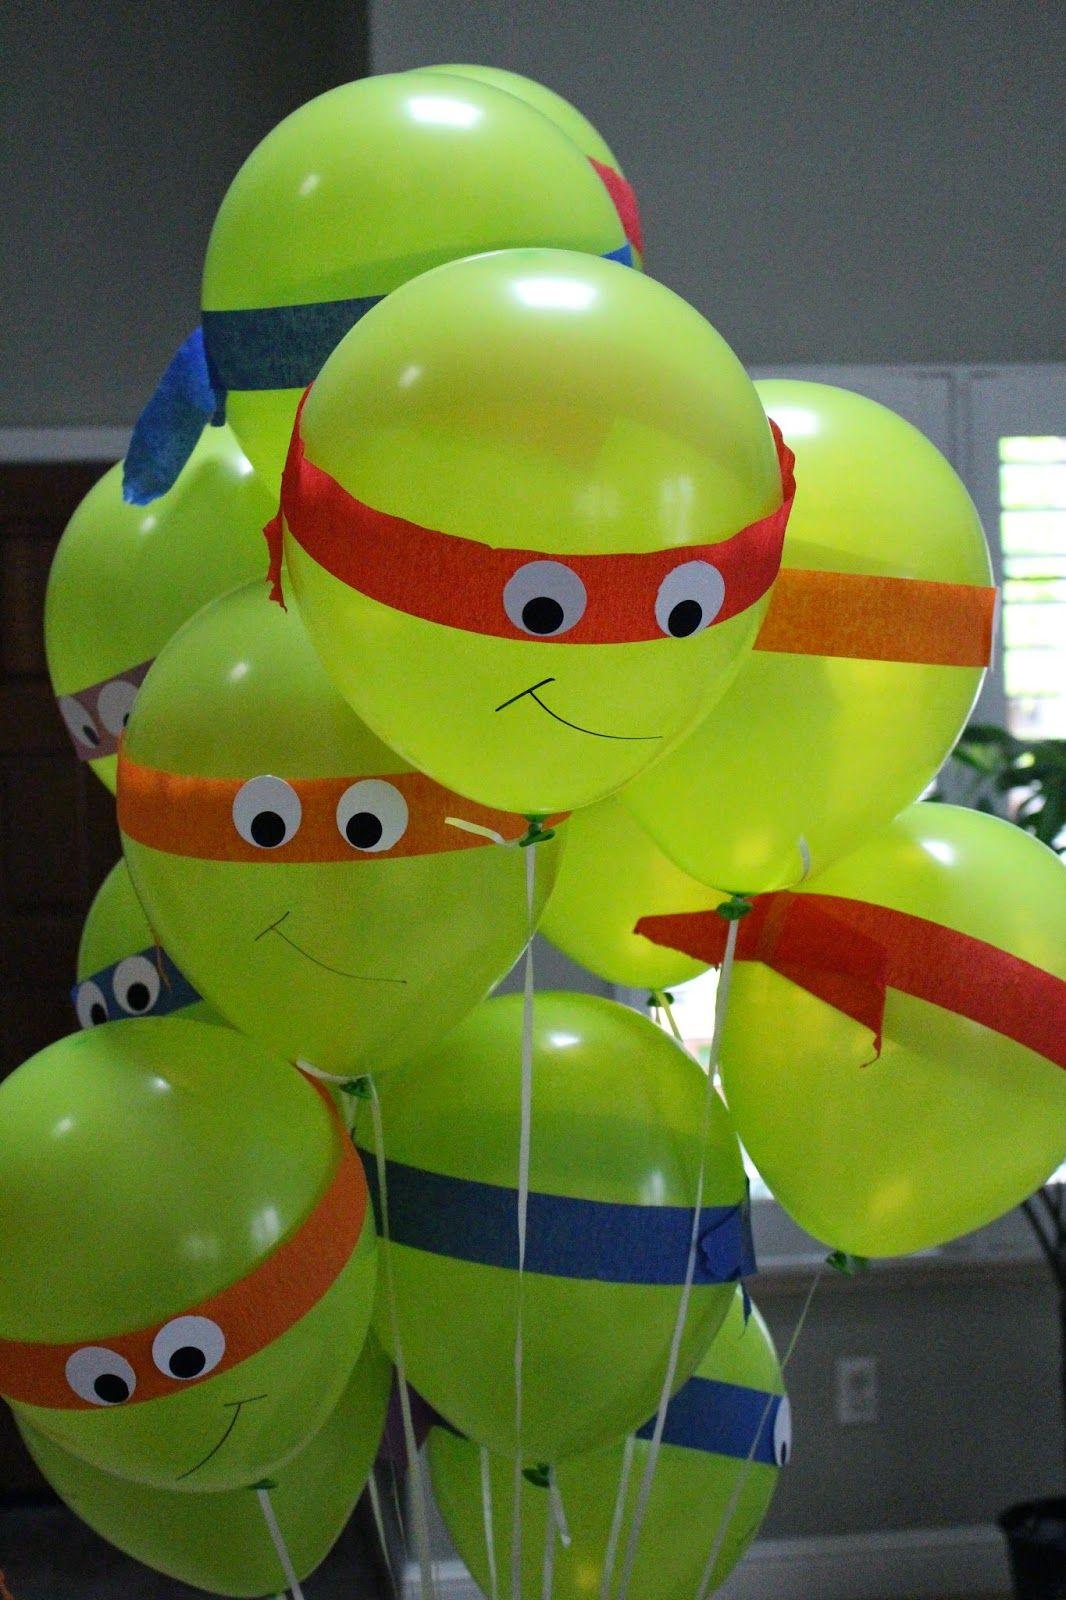 20 Ninja Turtle Party Ideas Ninja Turtles Birthday Party Turtle Birthday Parties Tmnt Birthday